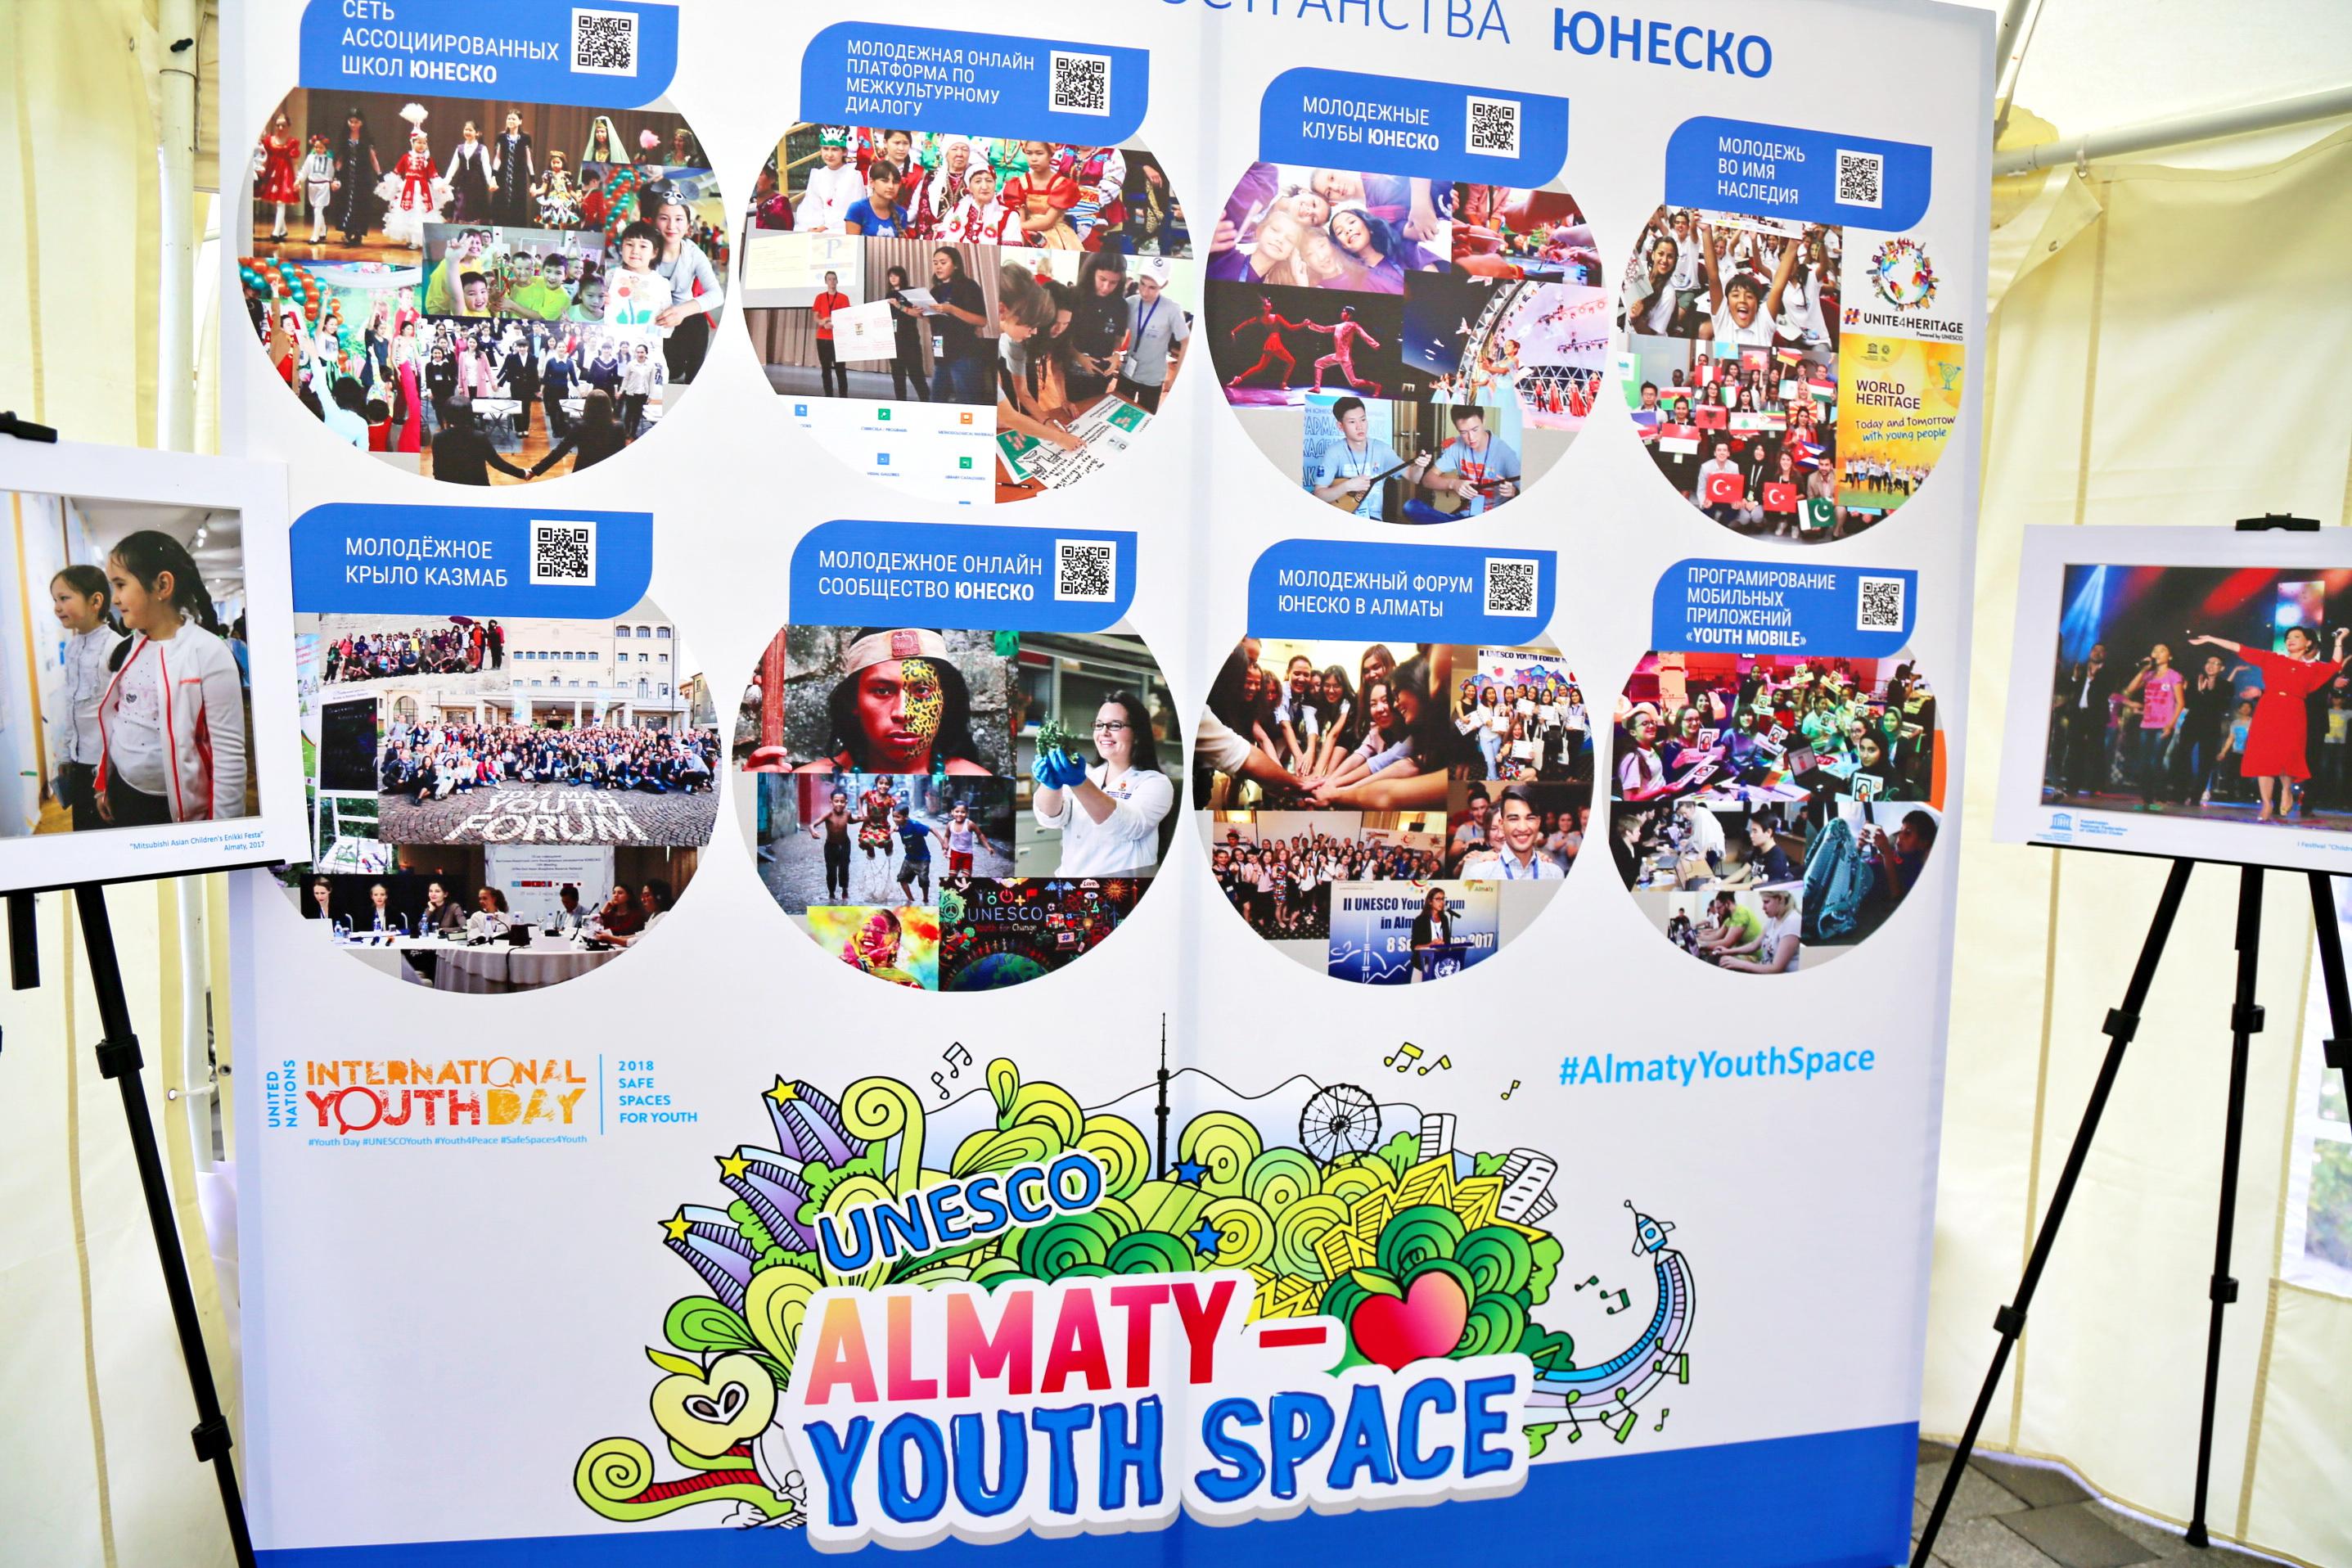 Молодежные пространства ЮНЕСКО ©ЮНЕСКО Алматы